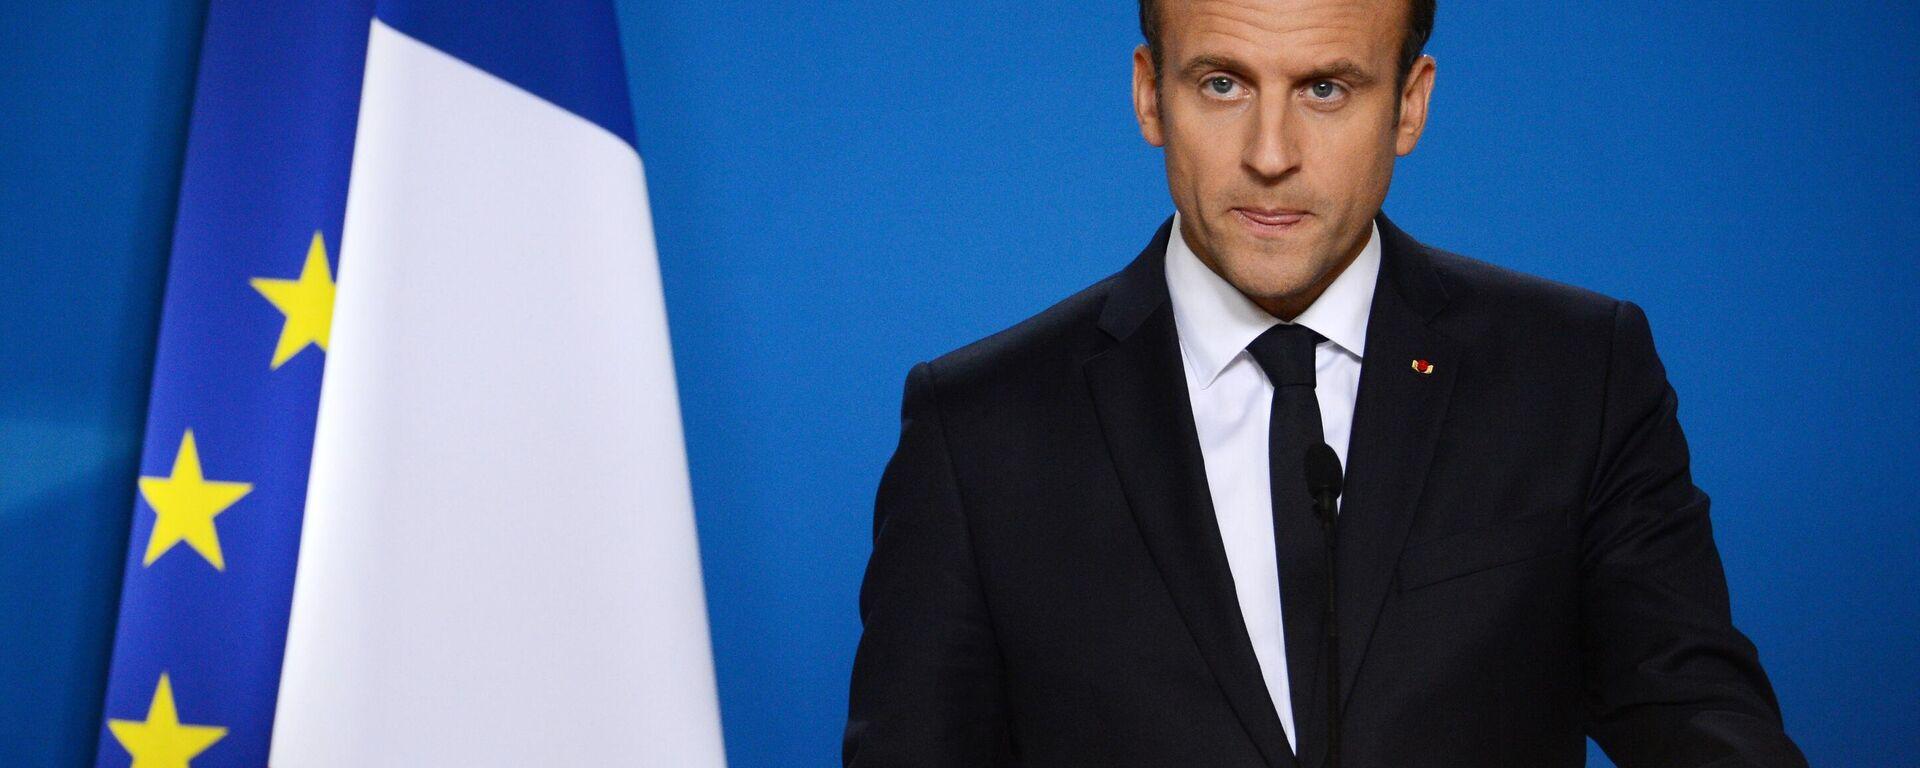 Frankreichs Präsident Emmanuel Macron vor den Flaggen von Frankreich und der EU (Symbolbild) - SNA, 1920, 09.06.2021